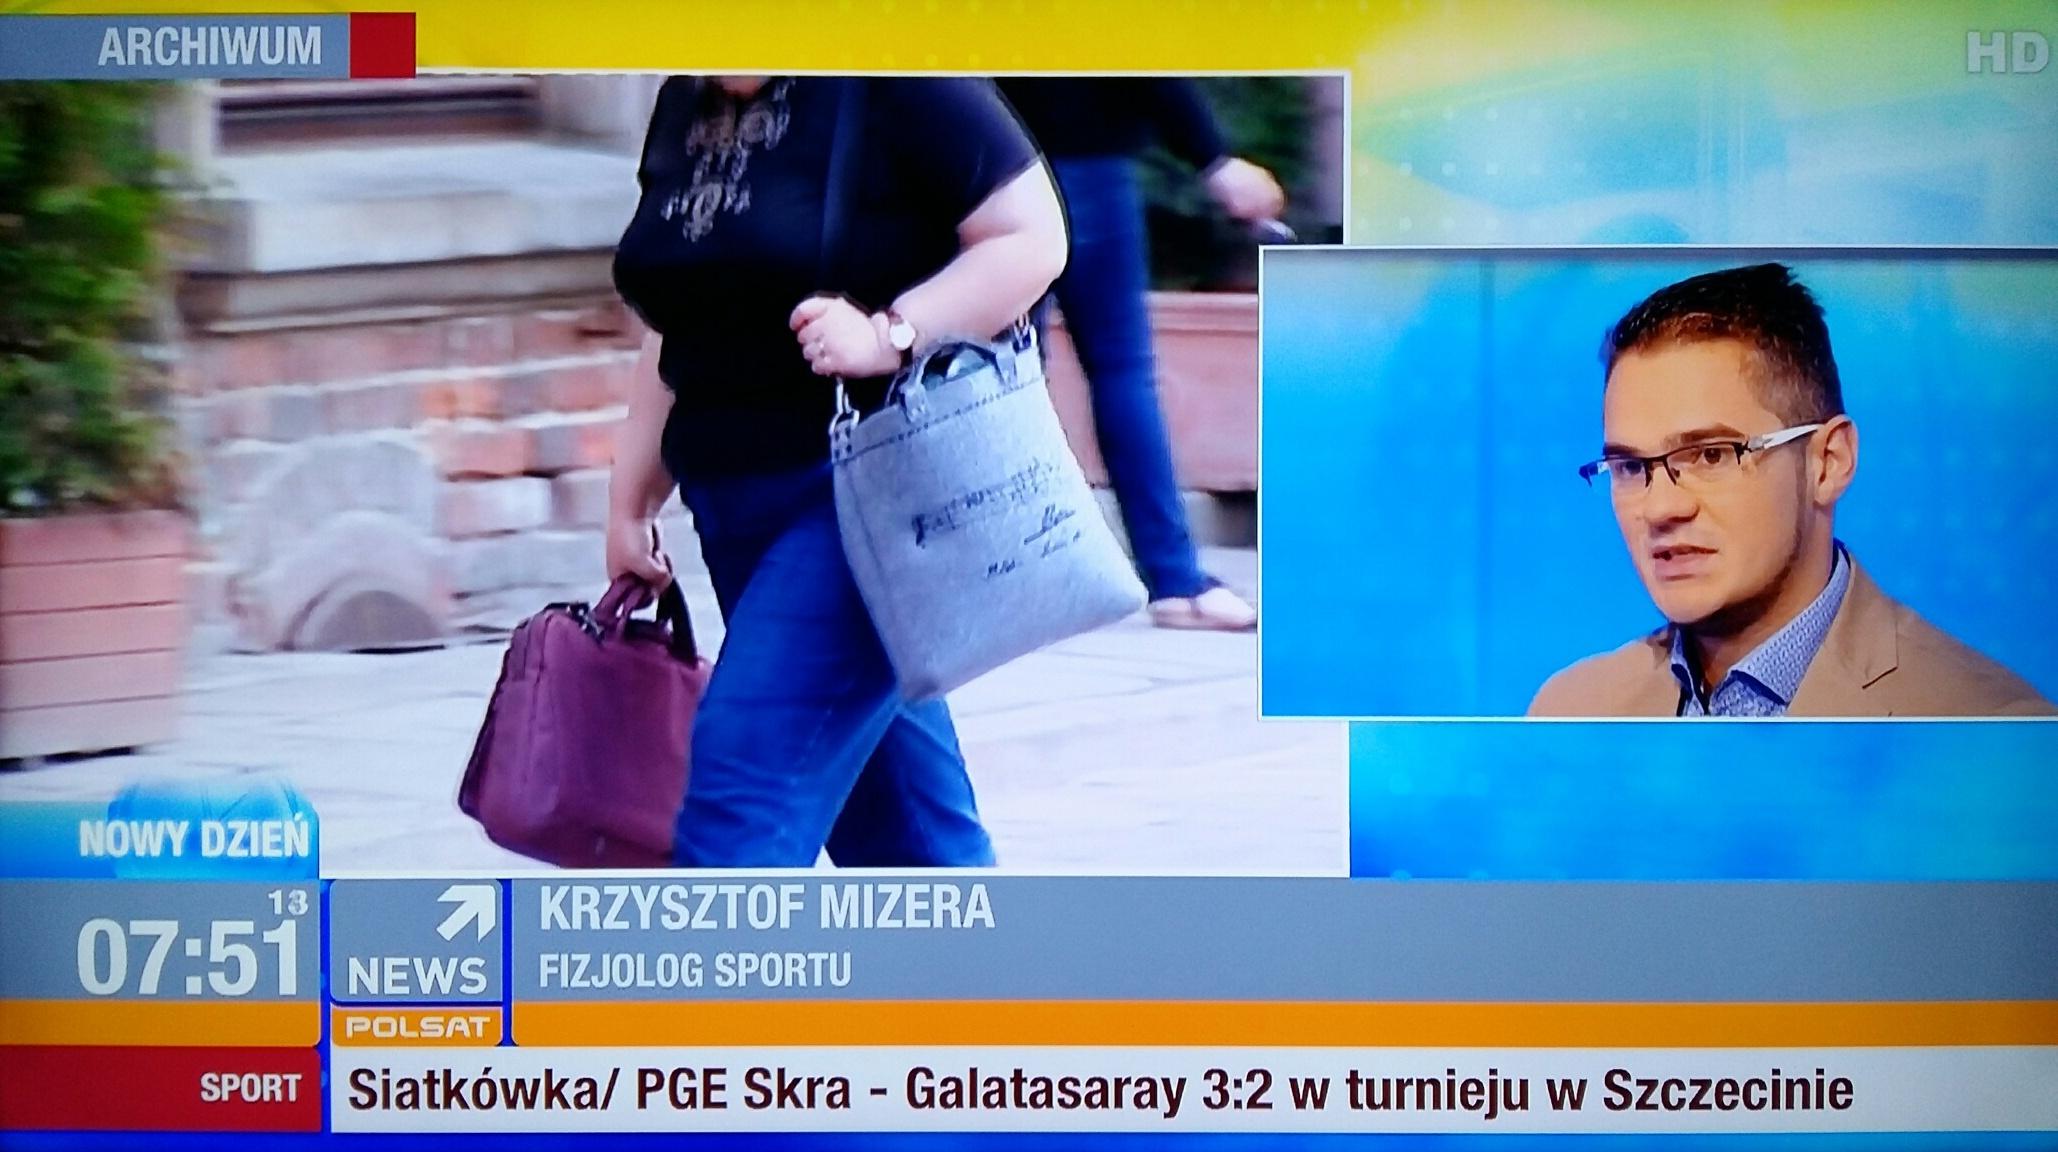 Krzysztof Mizera dietetyk sportowy Warszawa